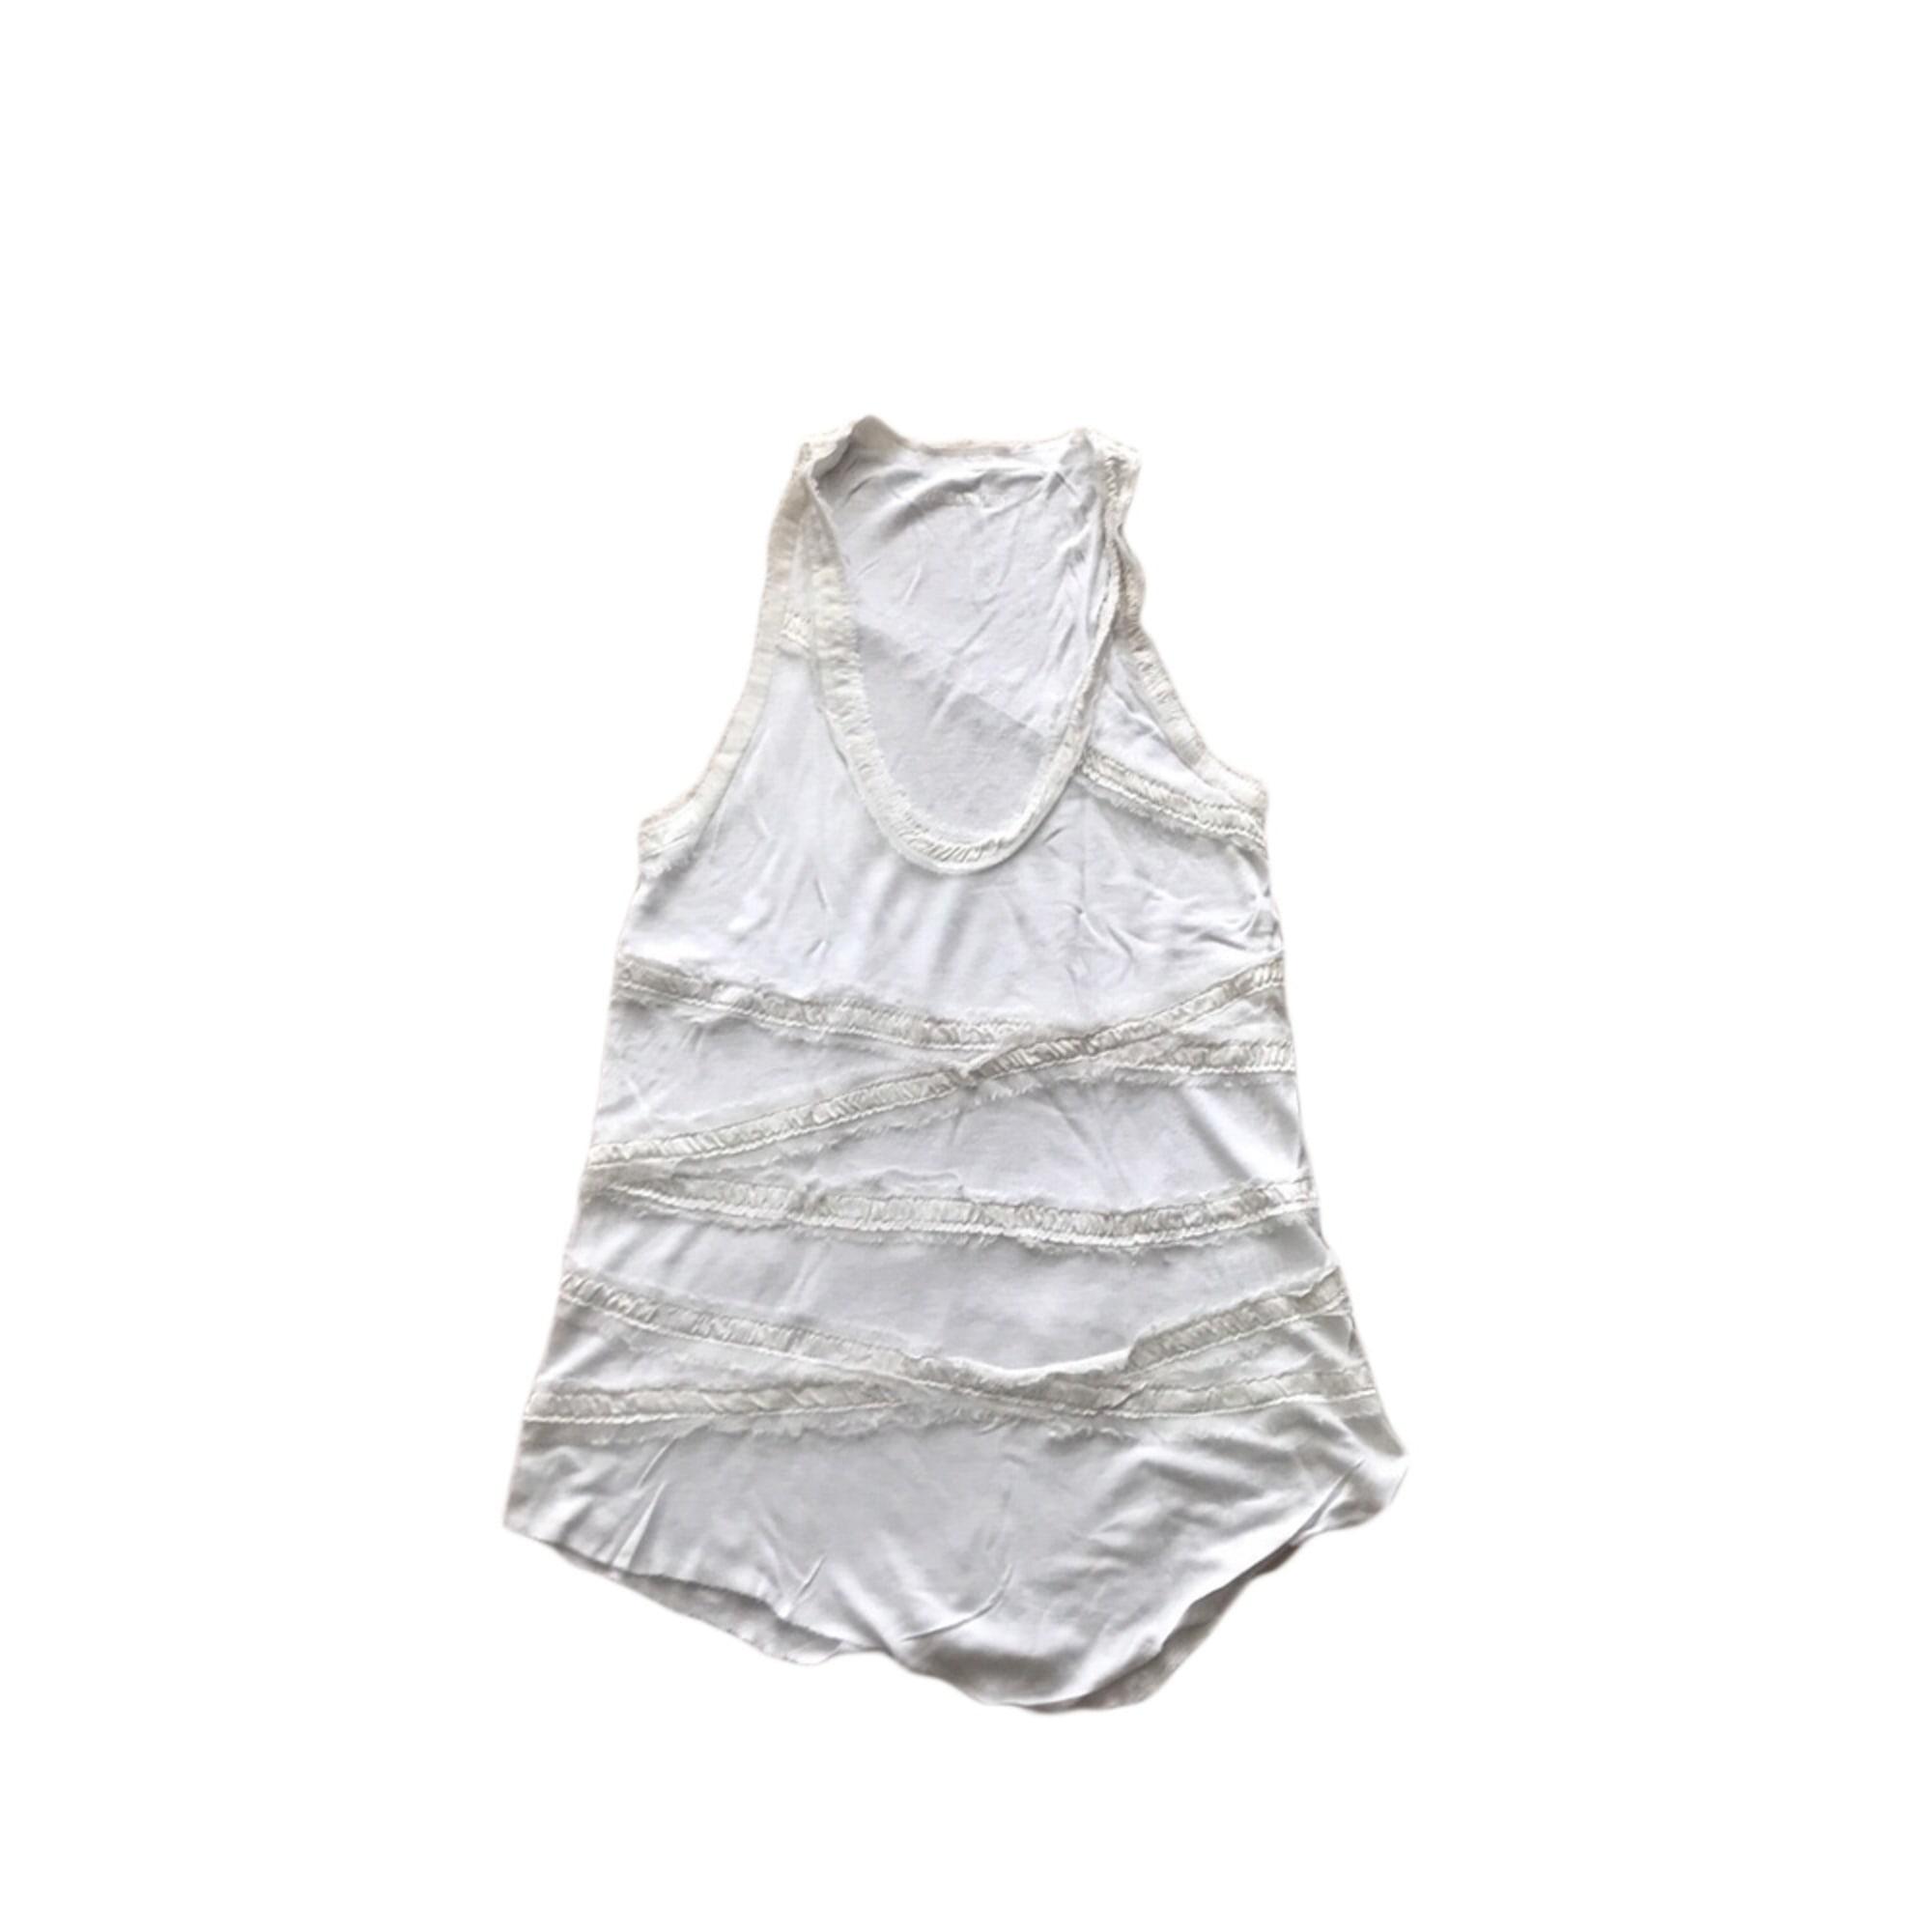 Débardeur ZADIG & VOLTAIRE Blanc, blanc cassé, écru